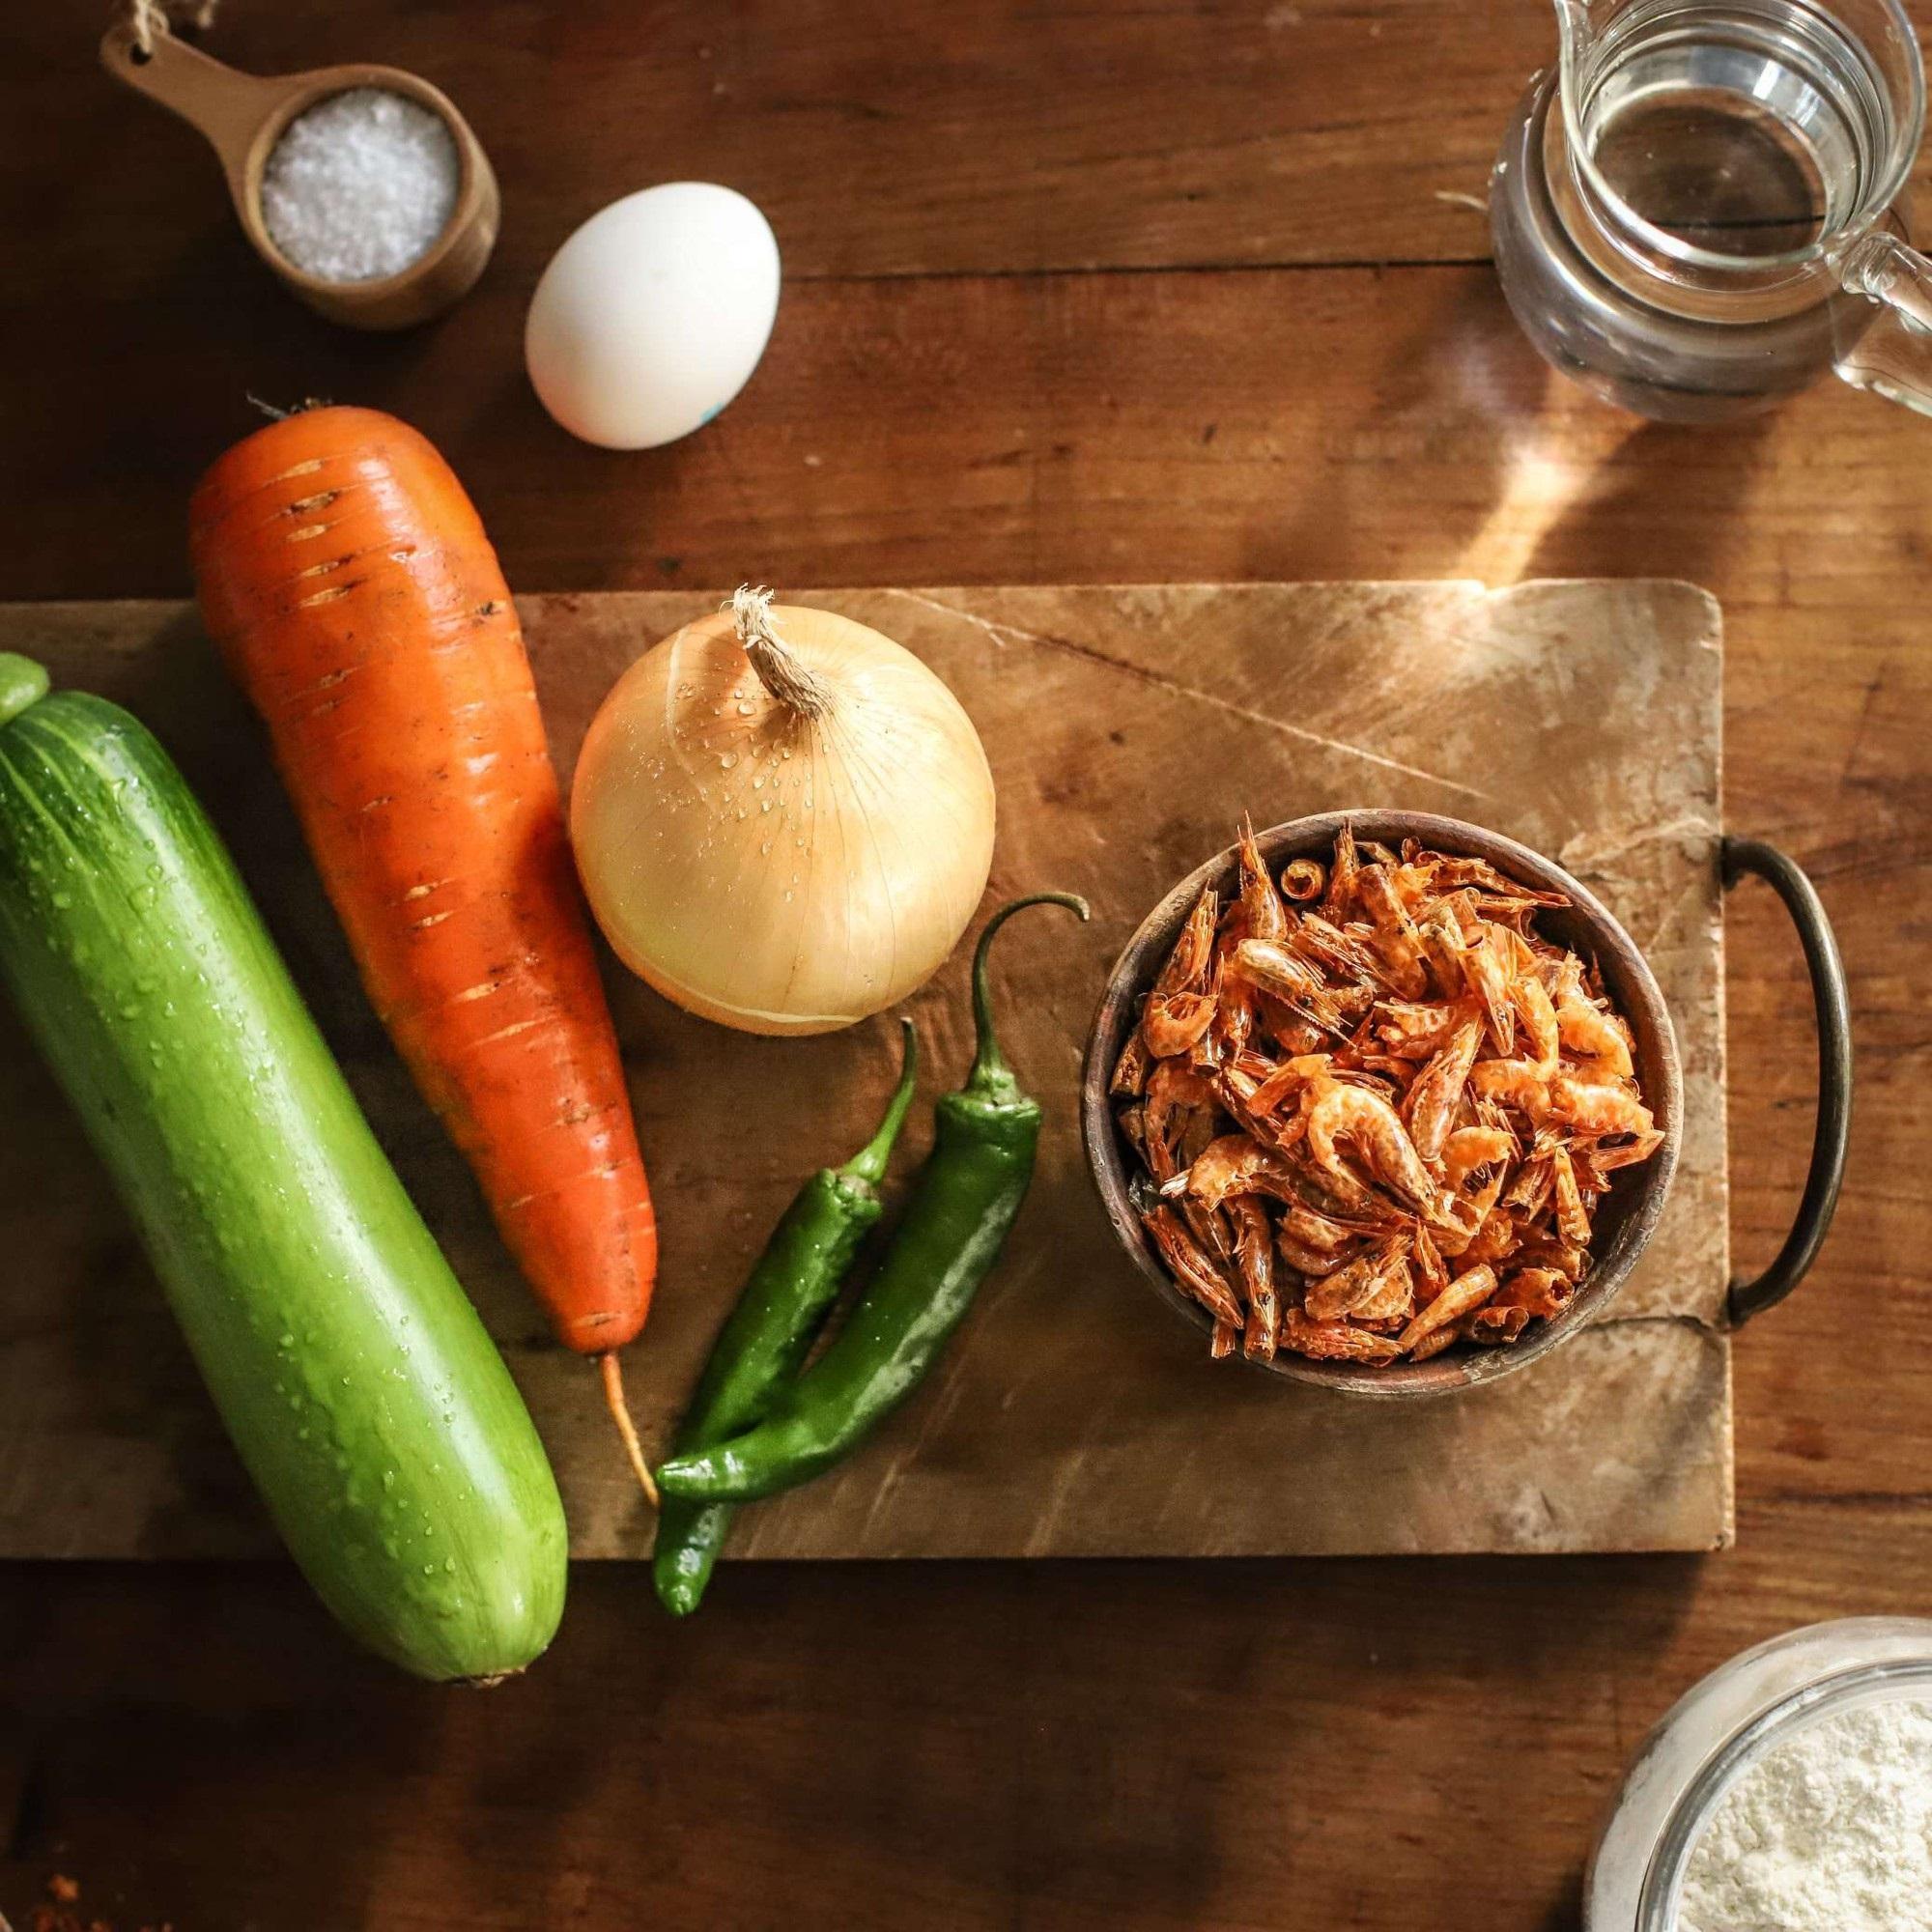 Học người Hàn cách làm bánh tôm dễ như ăn kẹo mà ngon lạ thử một lần là mê - Ảnh 1